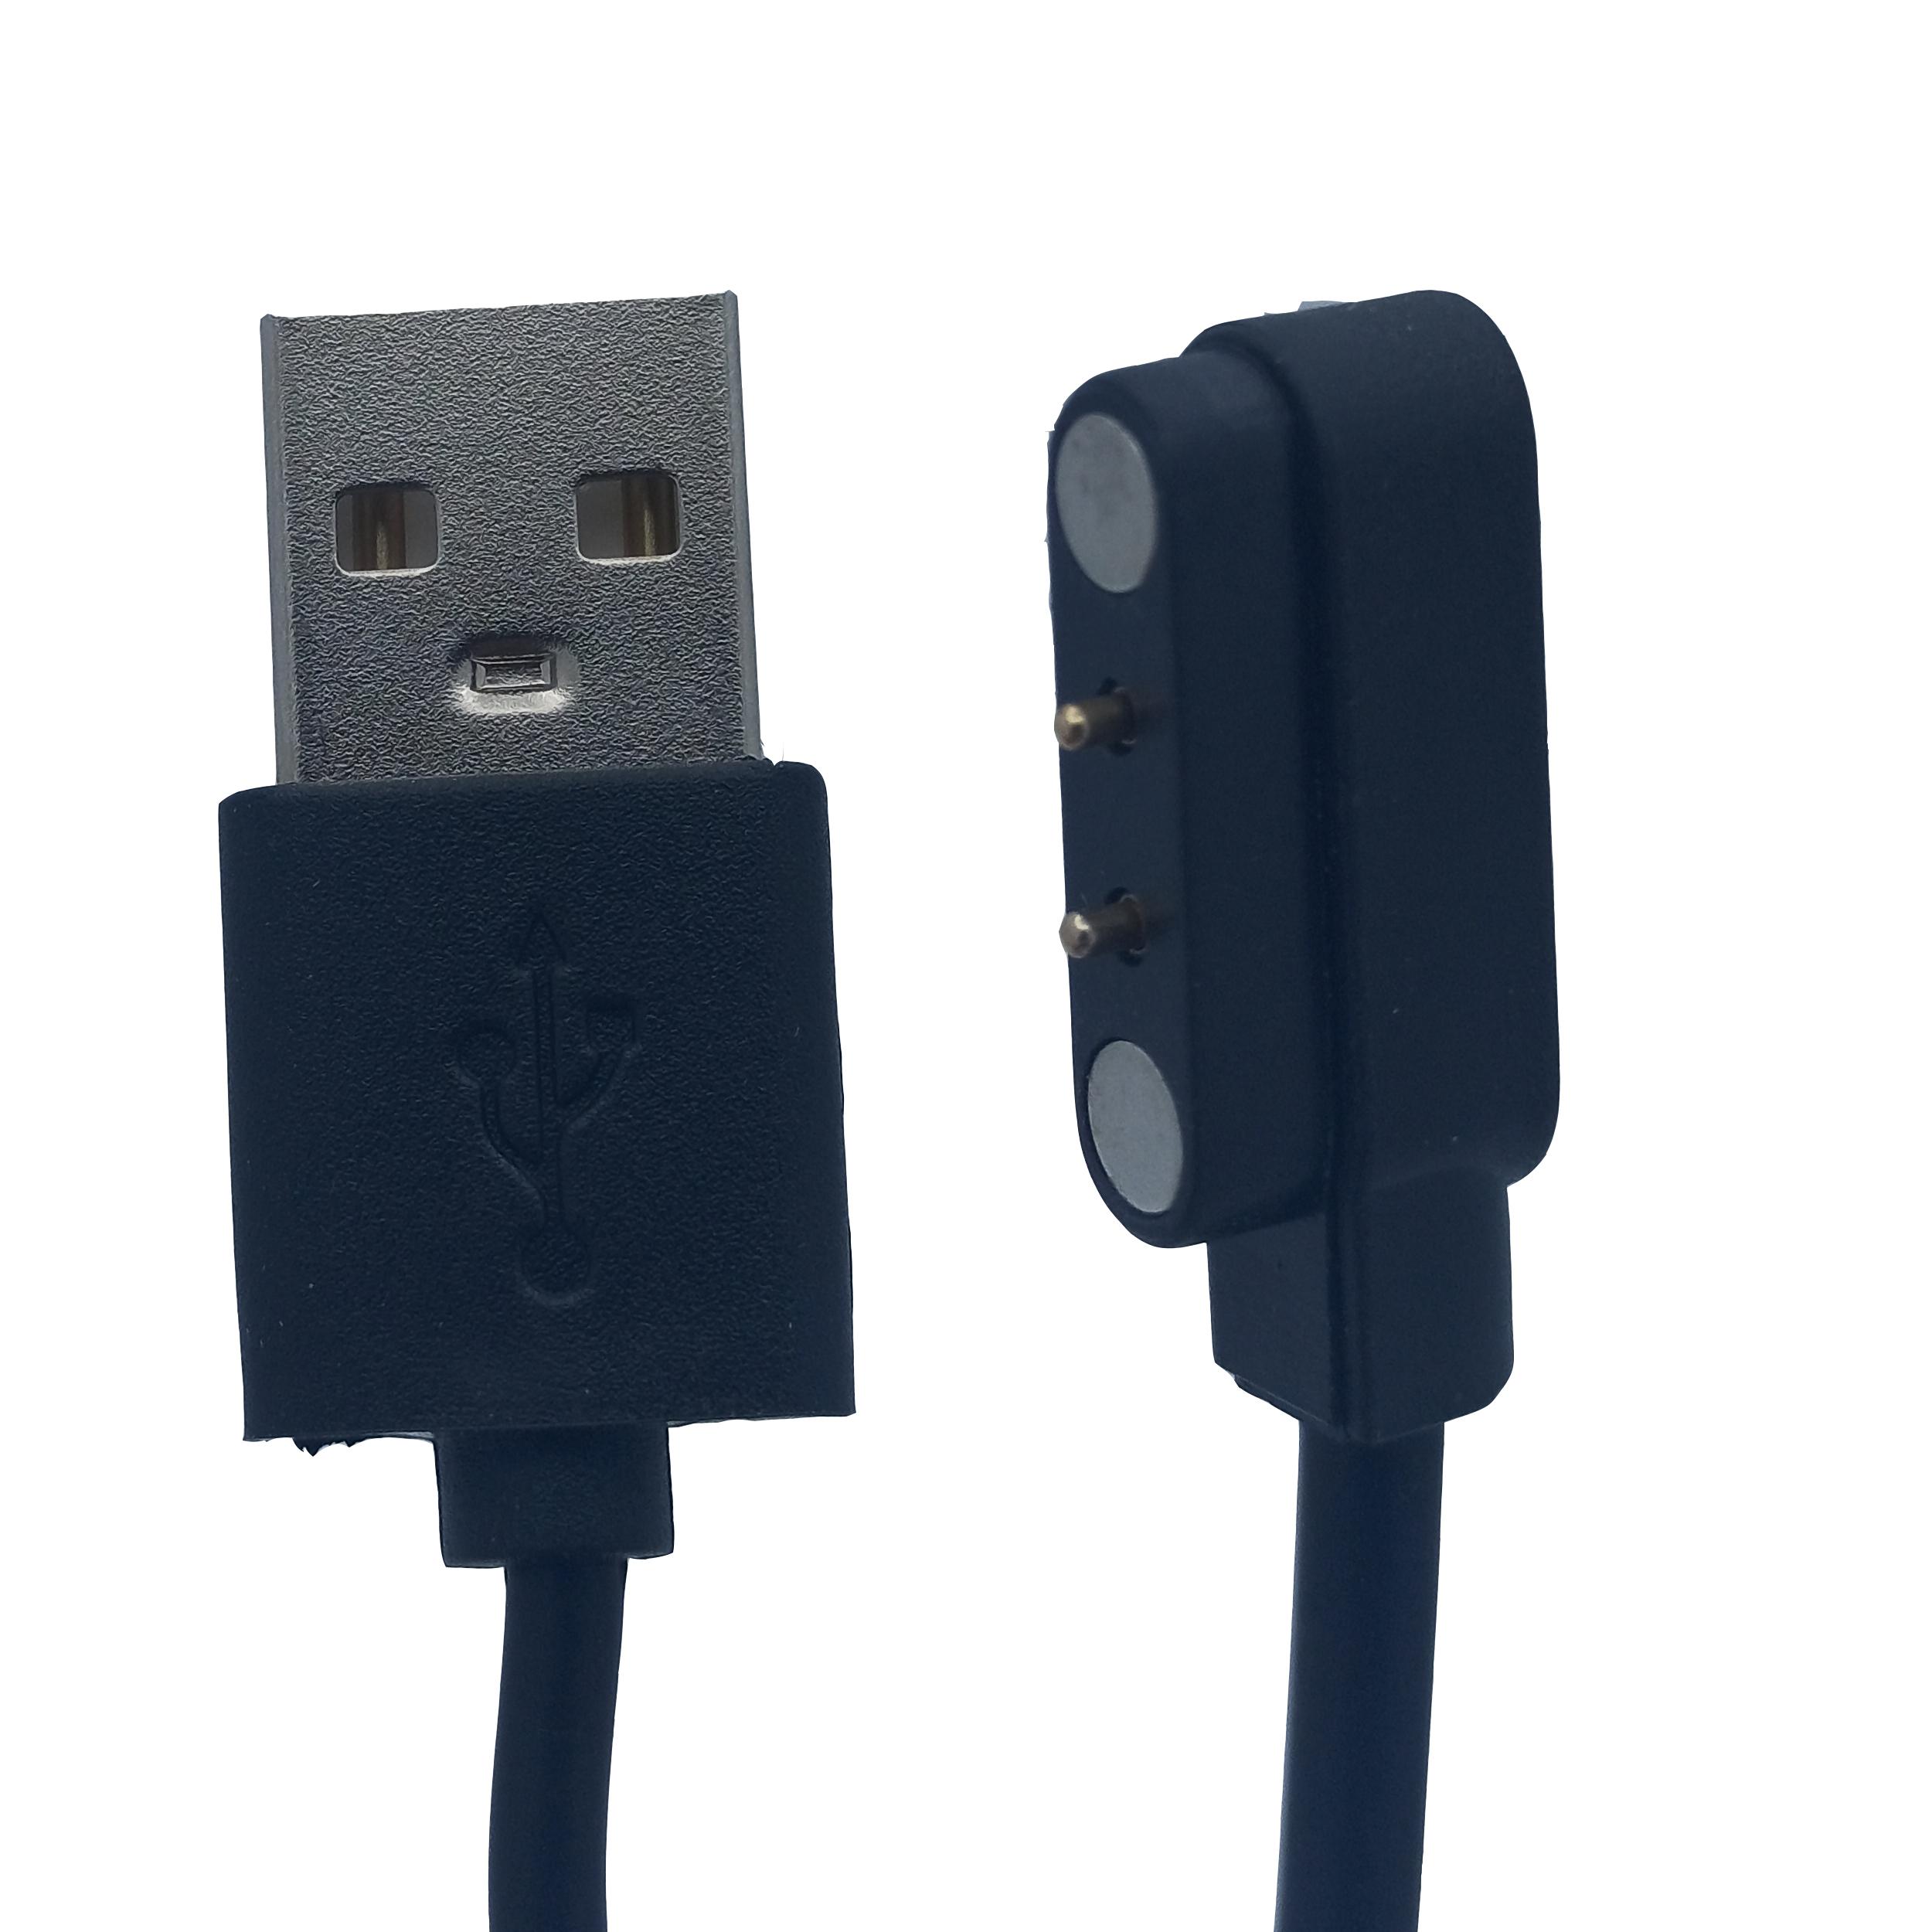 کابل شارژ مدل M5 مناسب برای مچ بند هوشمند ایمیلب KW66